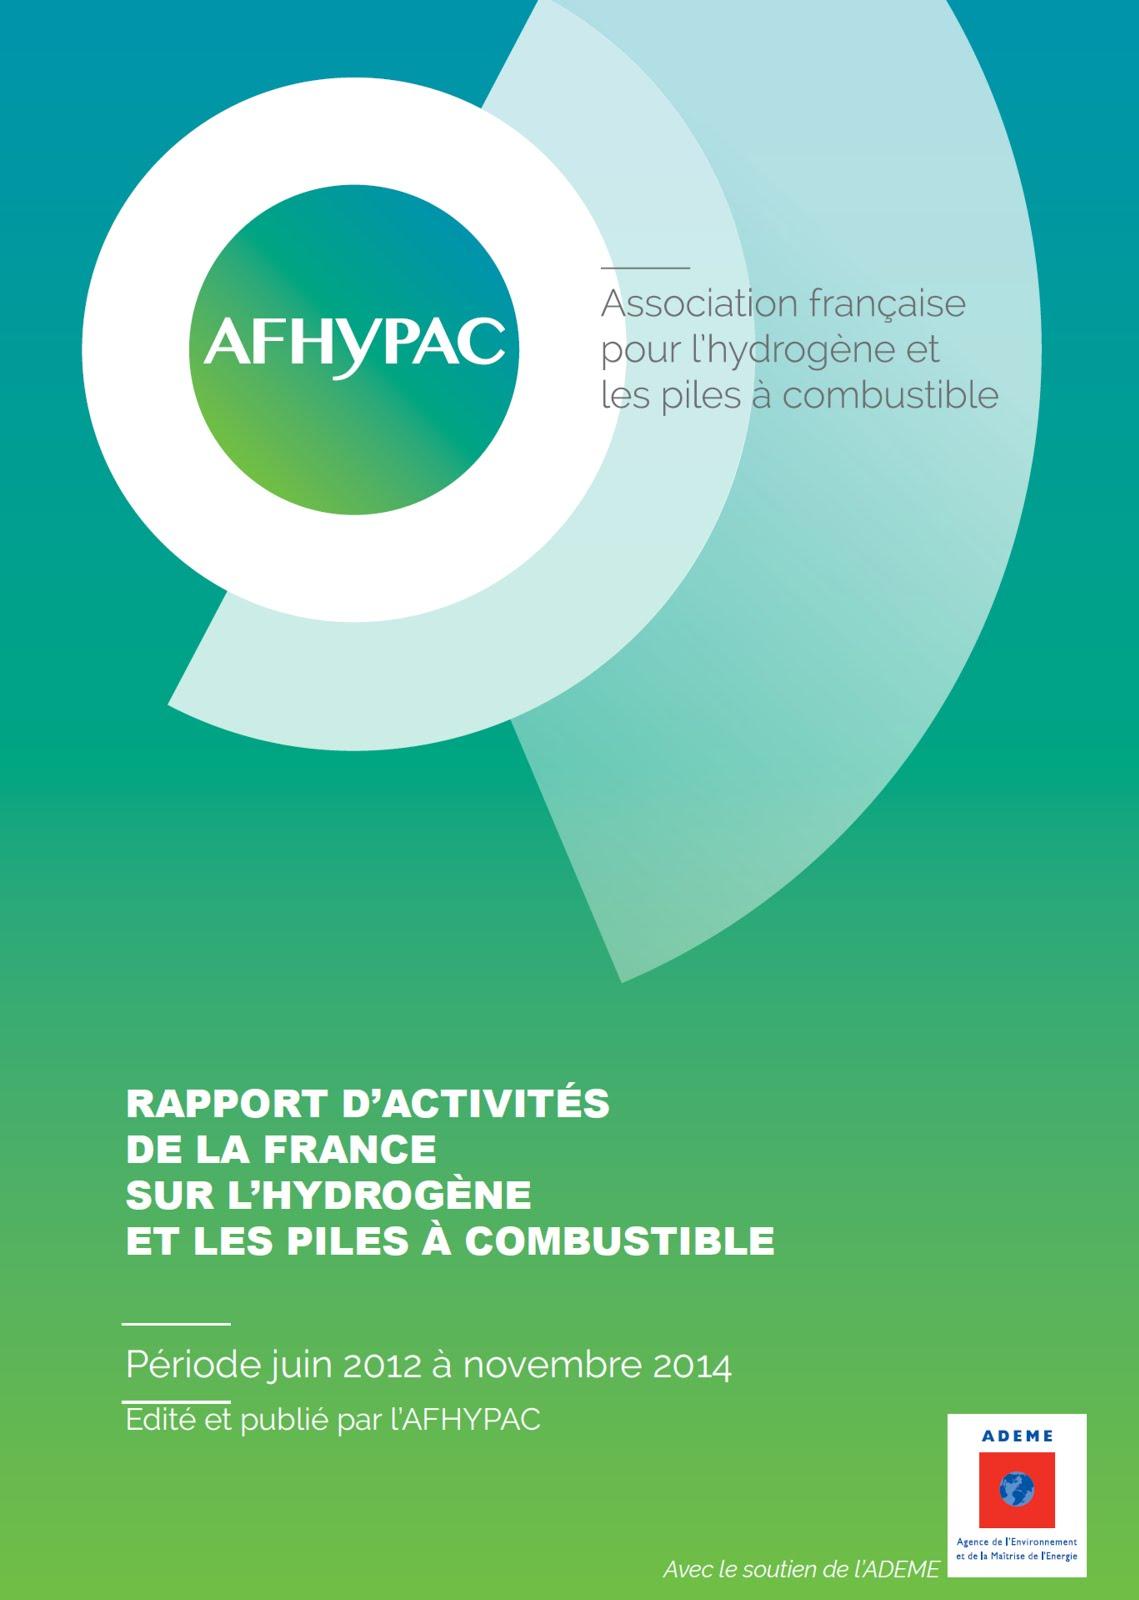 APHYPAC RAPPORT D'ACTIVITE 2015